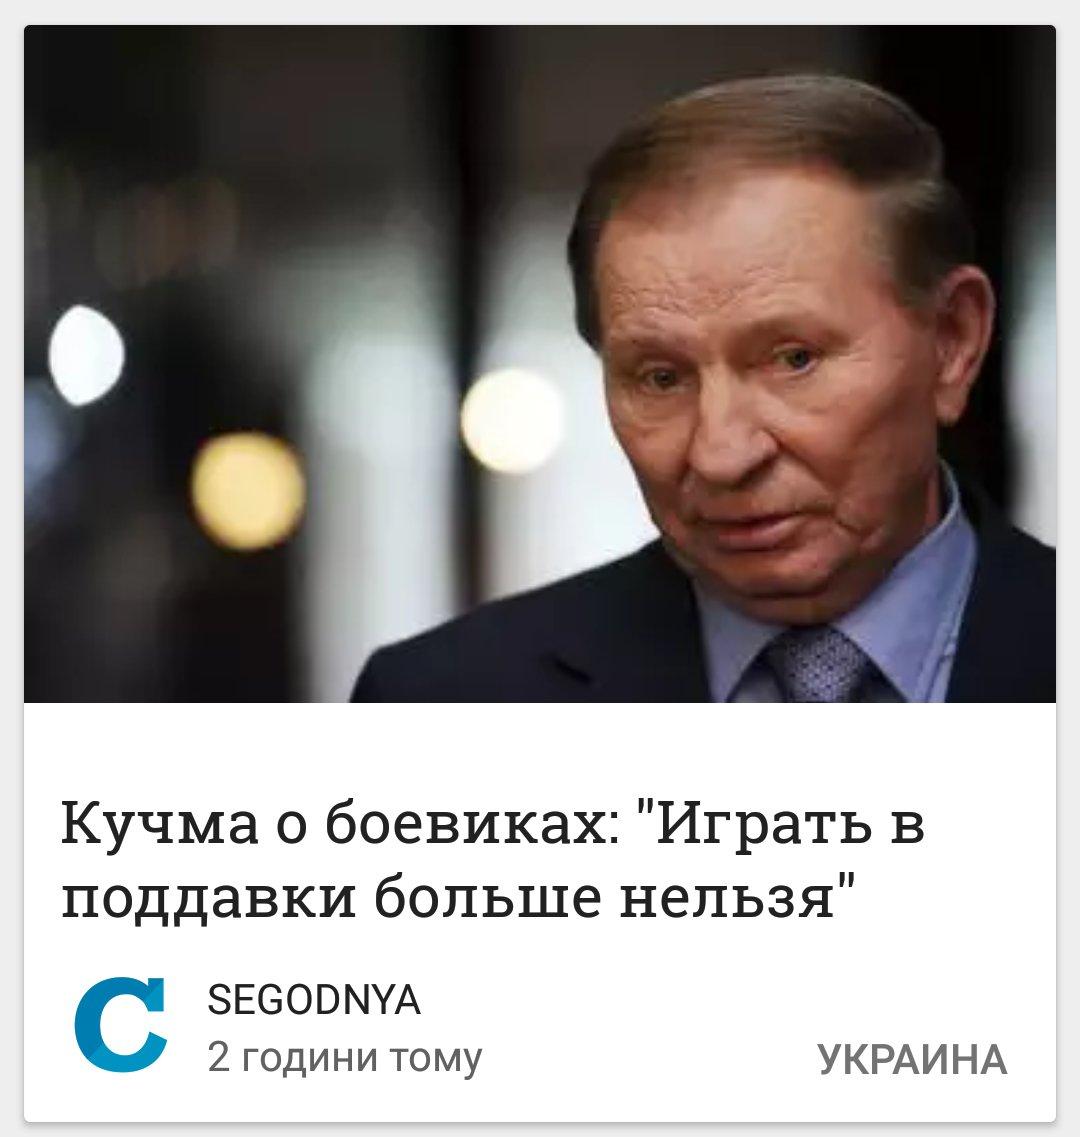 Идут переговоры еще о четырех зонах отвода войск на Донбассе, - Тука - Цензор.НЕТ 3006